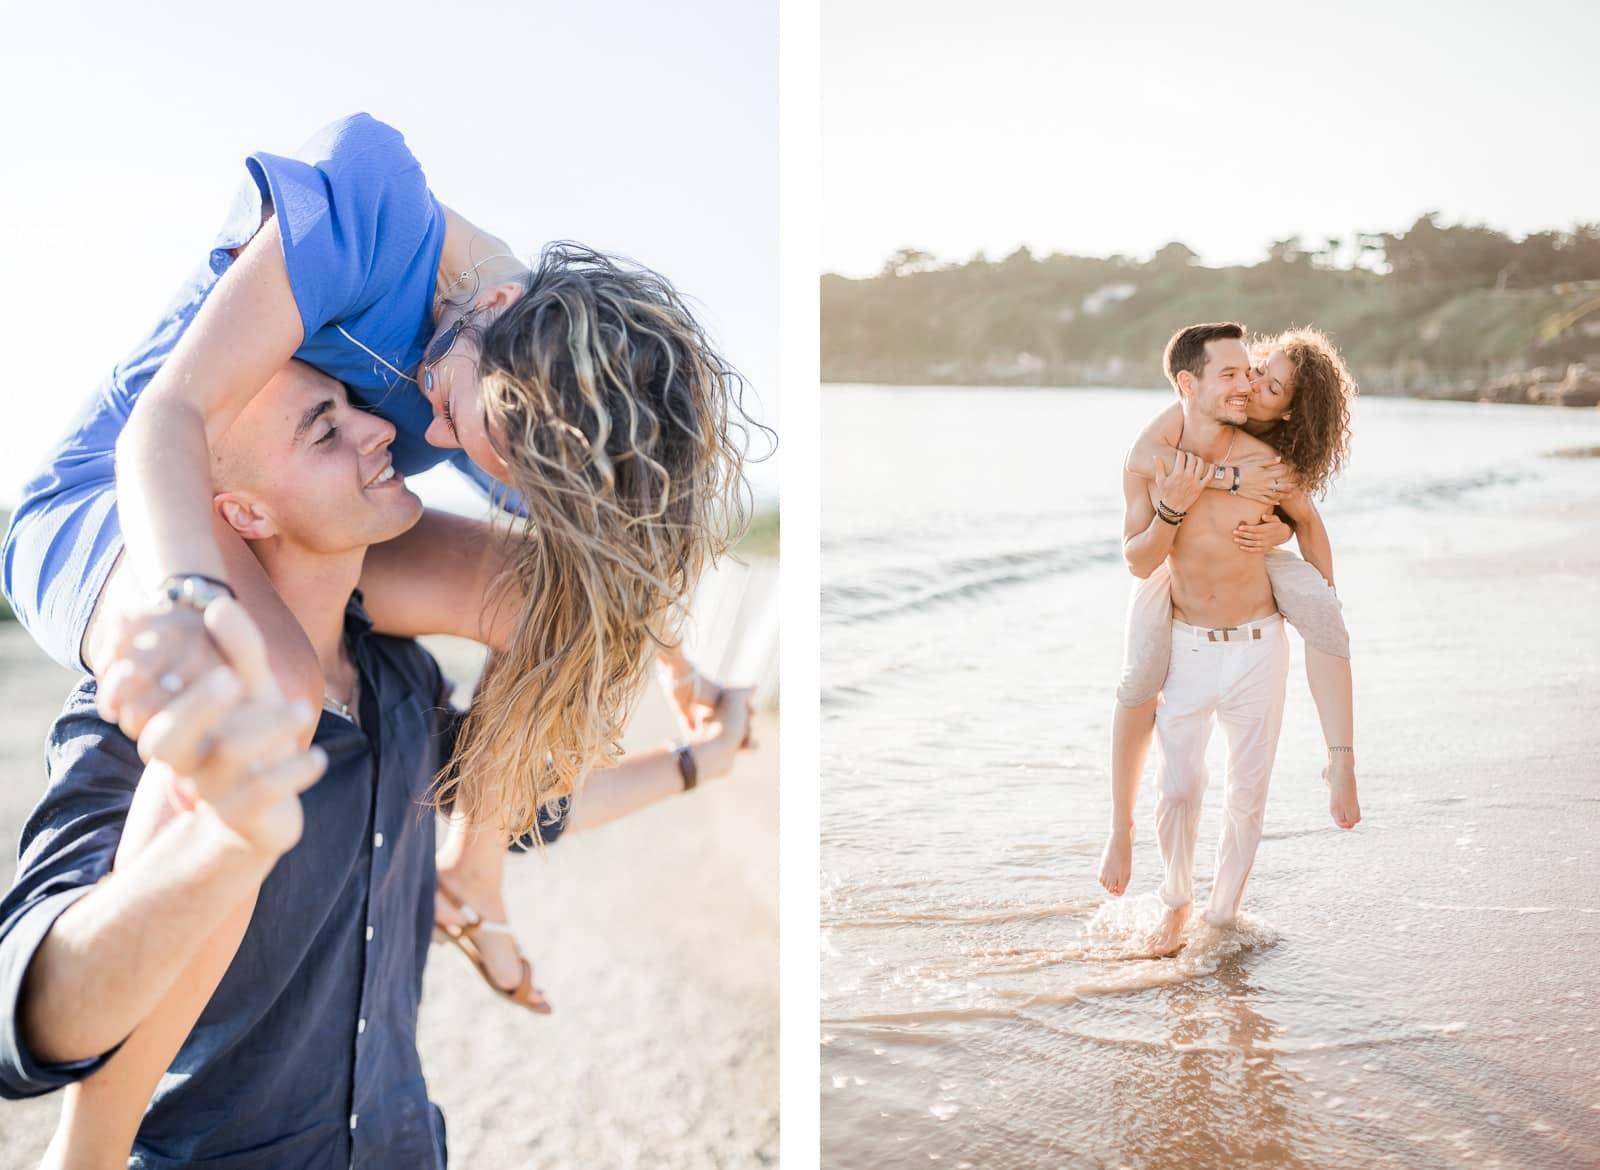 Photographie de Mathieu Dété, photographe de mariage sur l'île de La Réunion,  présentant des conseils pour des poses de photos de couple, la femme sur le dos de son fiancé